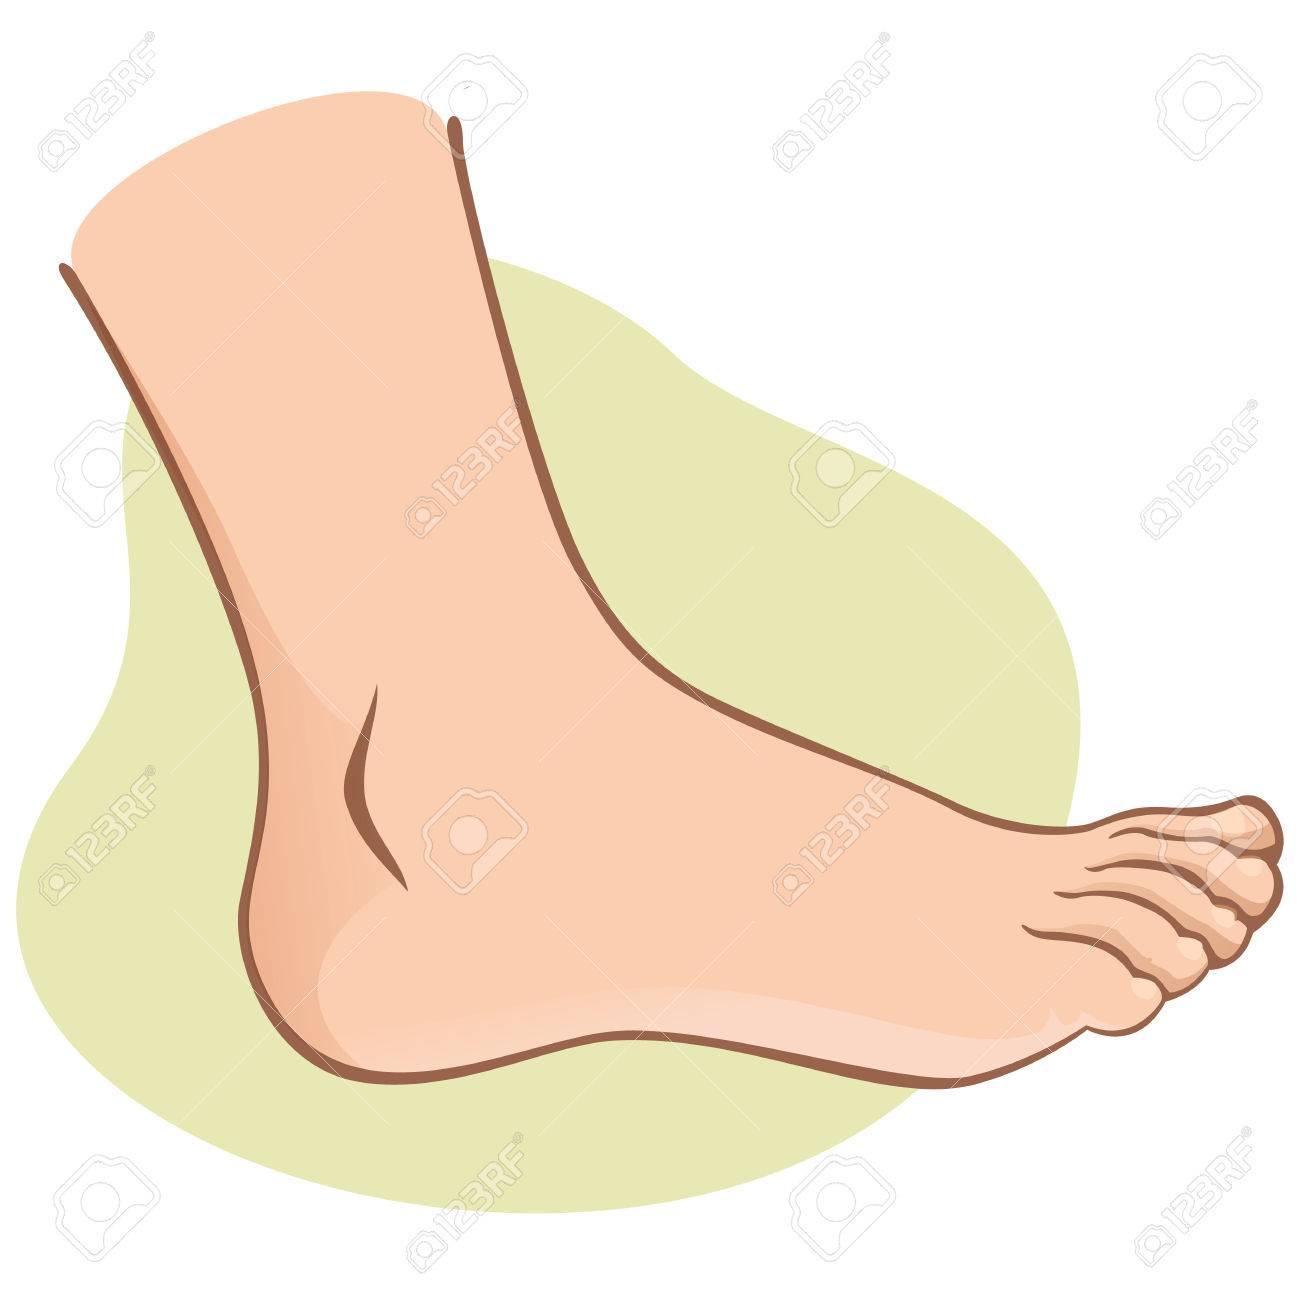 Lujo Diagrama De Pie Humano Imagen - Anatomía de Las Imágenesdel ...